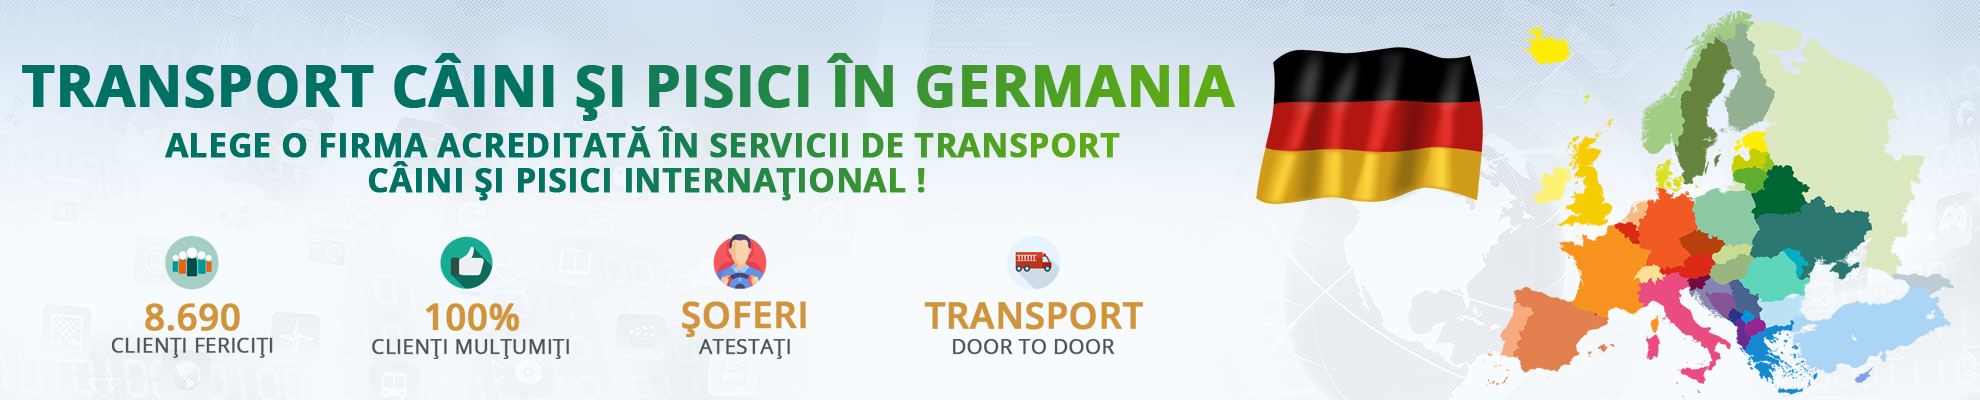 Transport caini si pisici in Germania